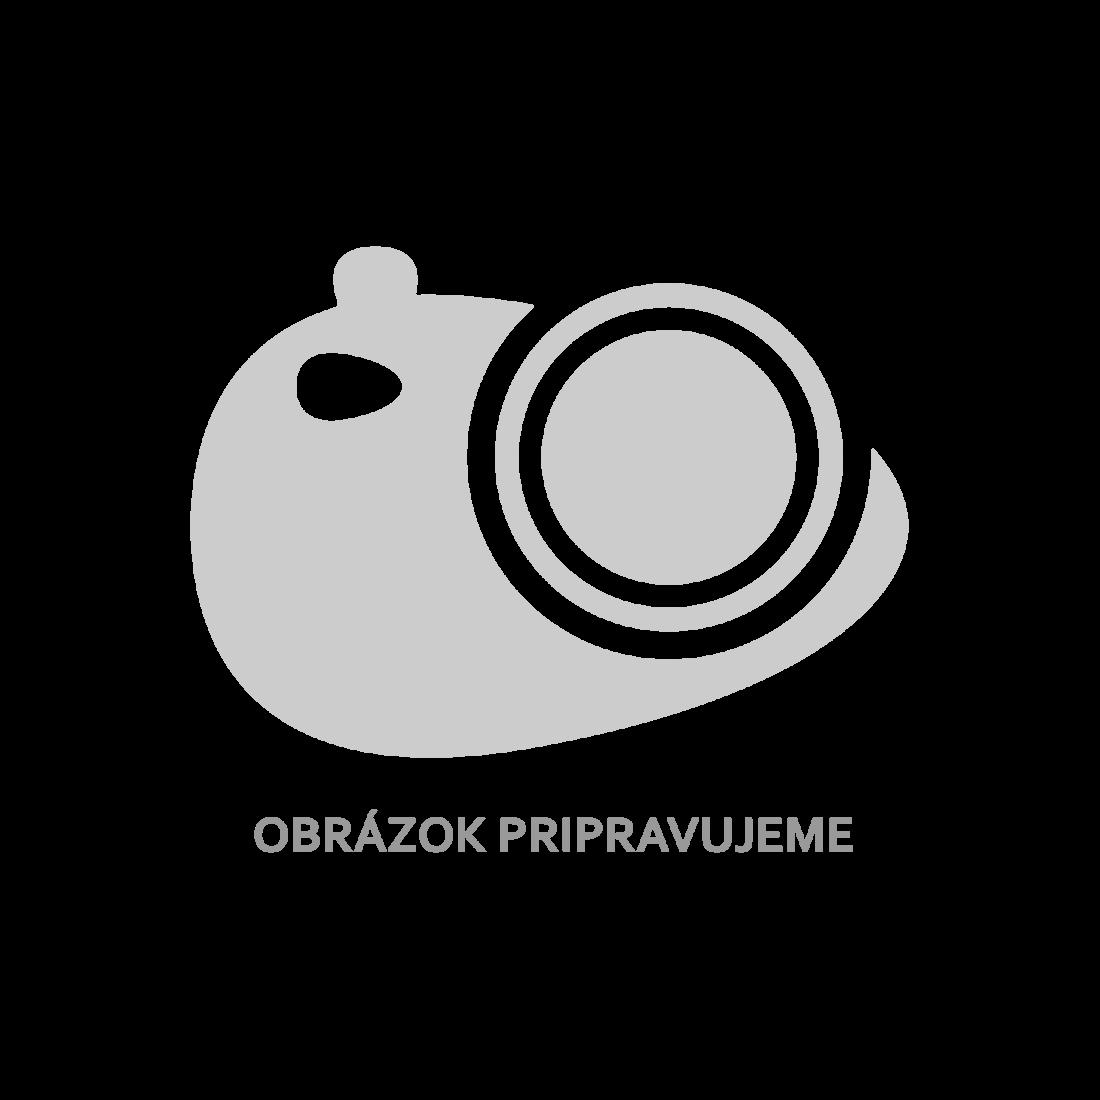 vidaXL Zahradní stůl béžový 110 x 53 x 72 cm sklo a polyratan [46454]